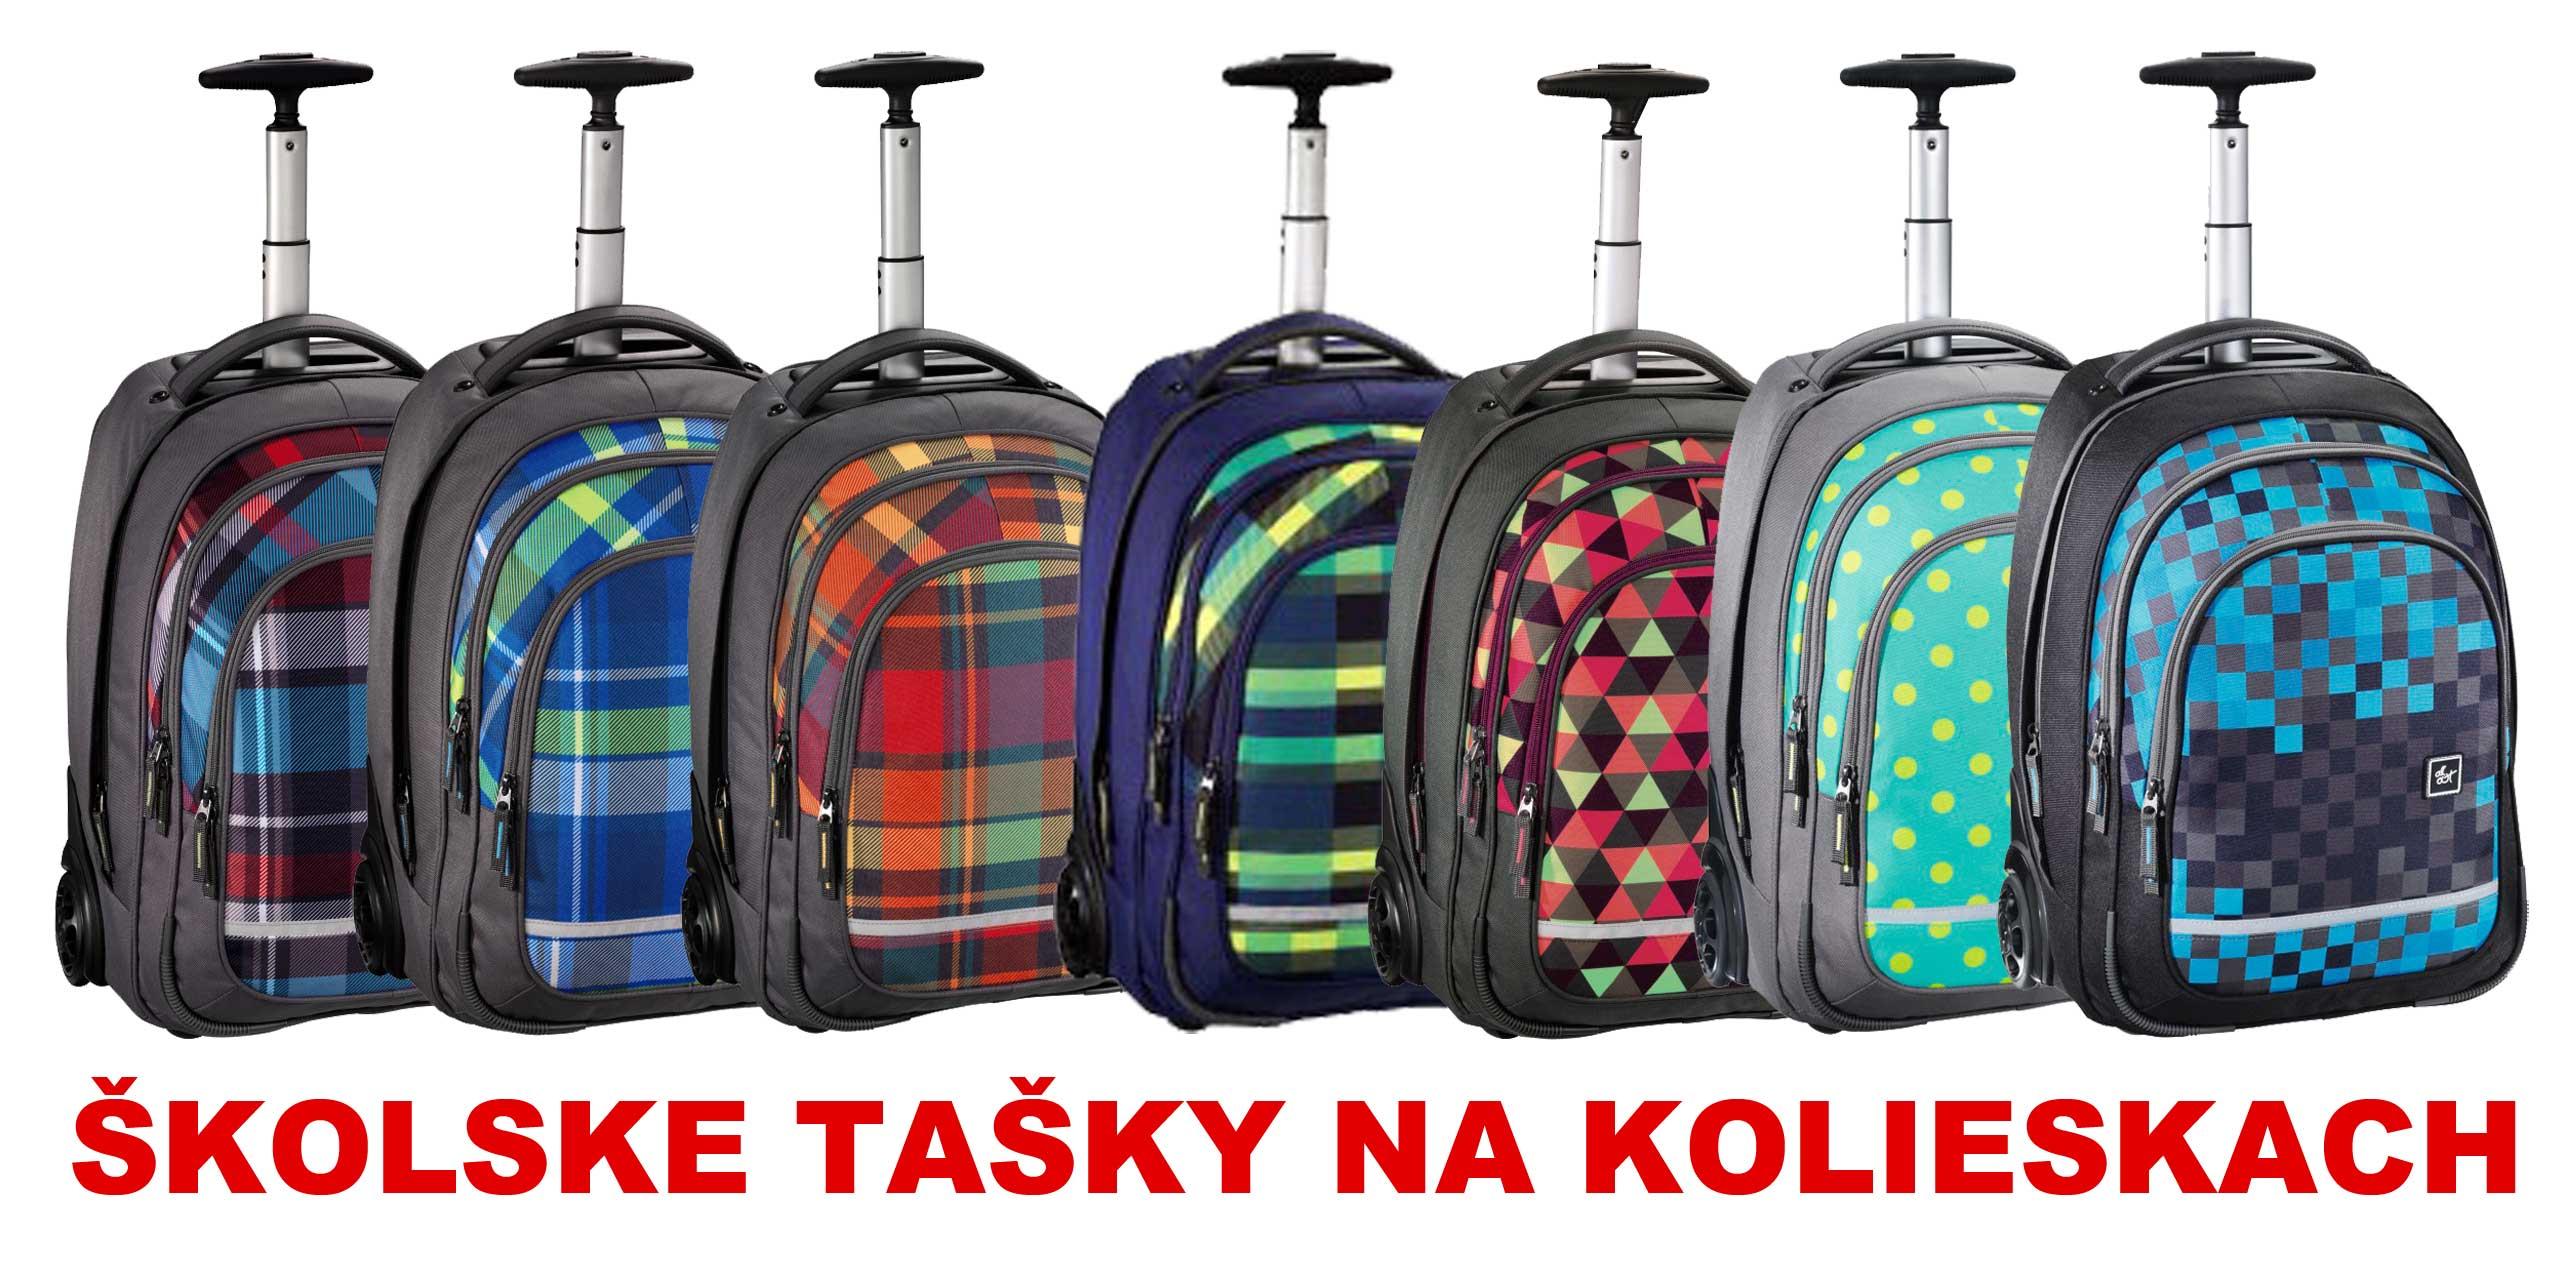 96563737fa2e3 Školské tašky na kolieskach pre dievčatá aj chlapcov